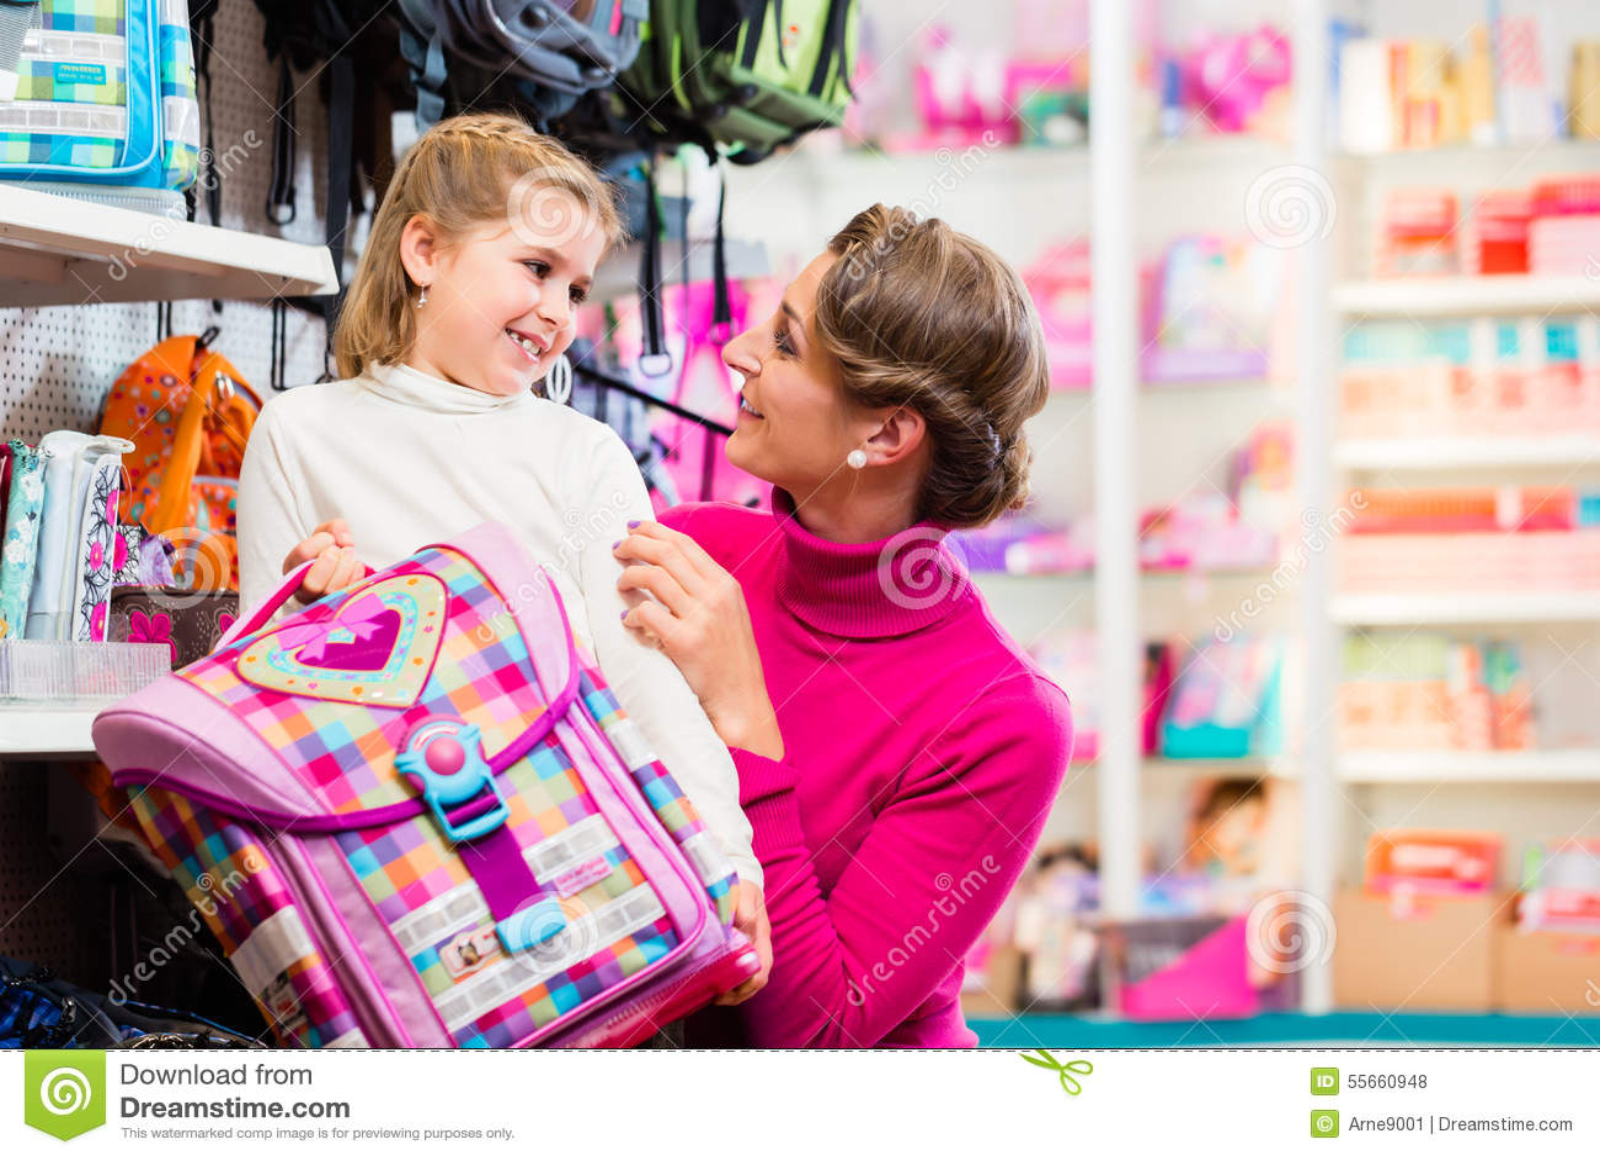 Matkuje kupienia szkolnego satchel, żartuje i zdojest w sklepie